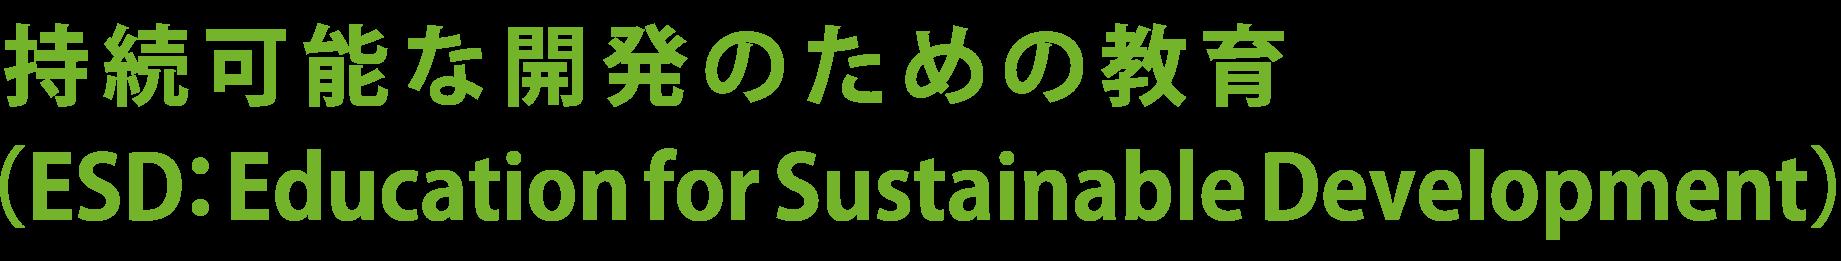 持続可能な開発のための教育